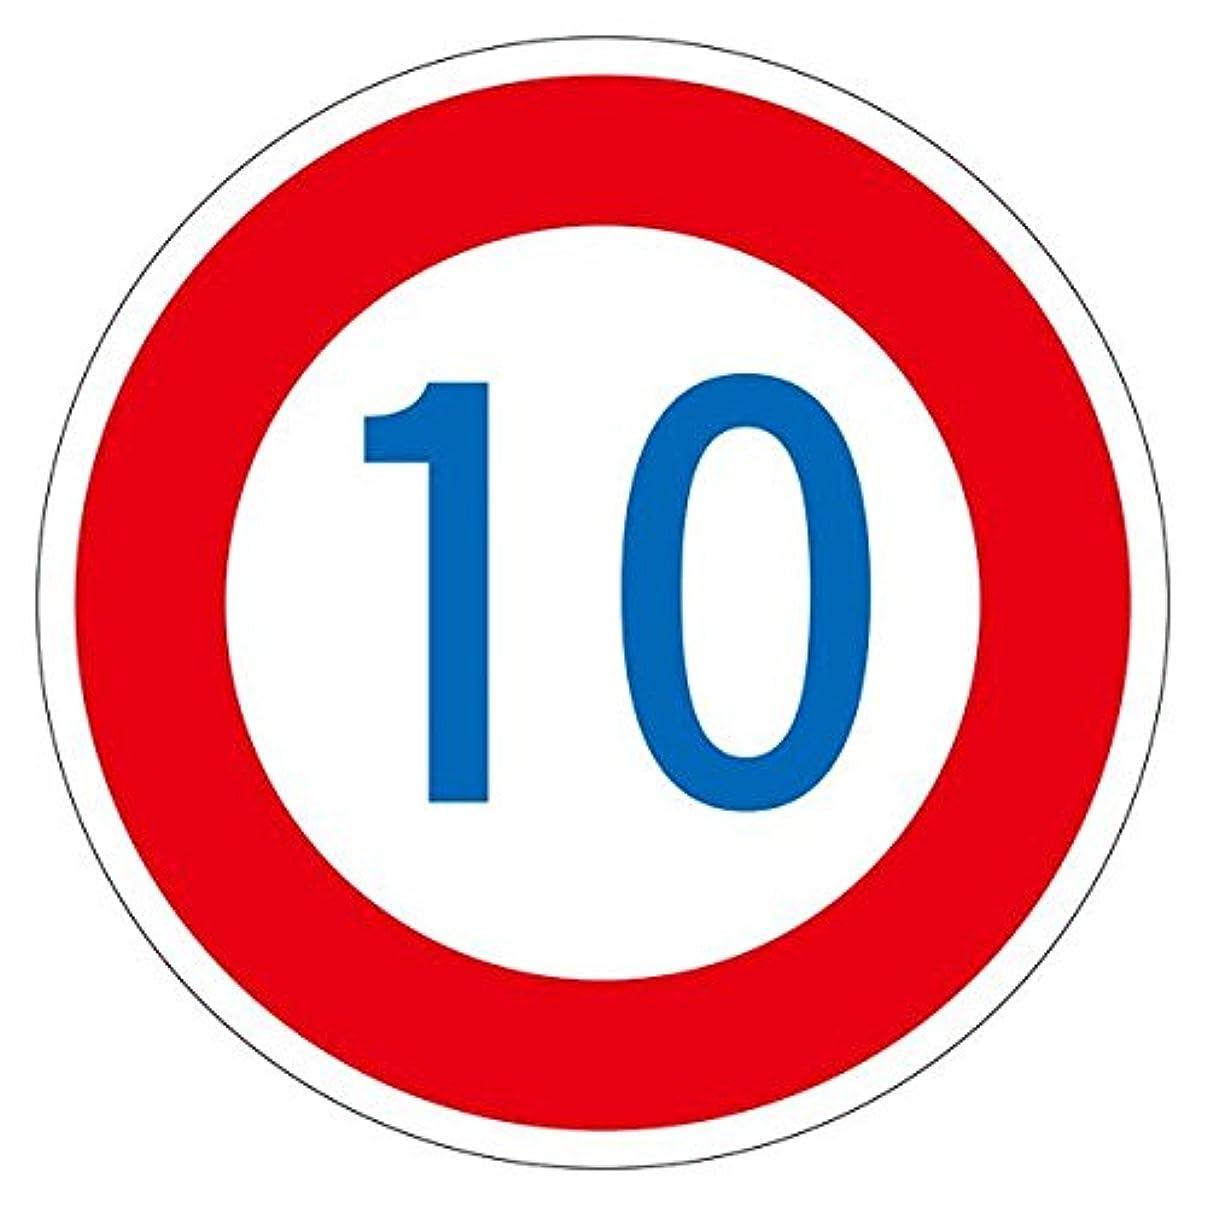 満了撤回する看板路面道路標識 10 路面-323-10 【単品】